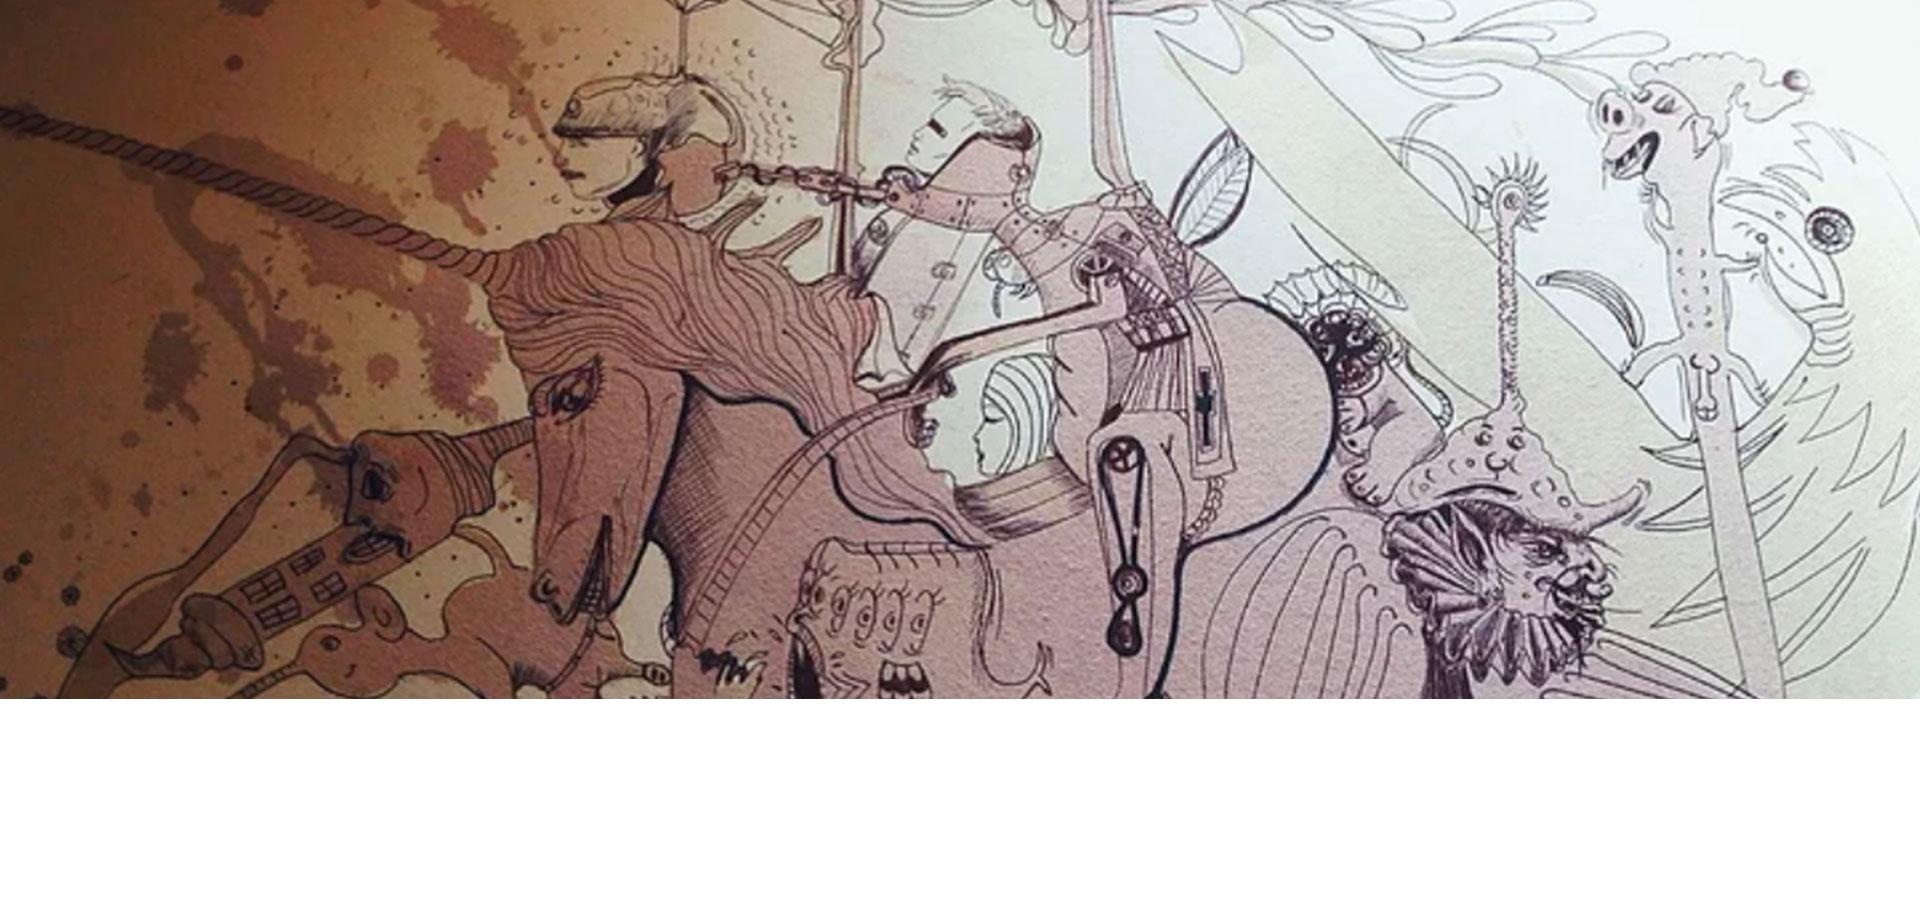 tekening van een rijder omringd door vele karikatuurkarakters